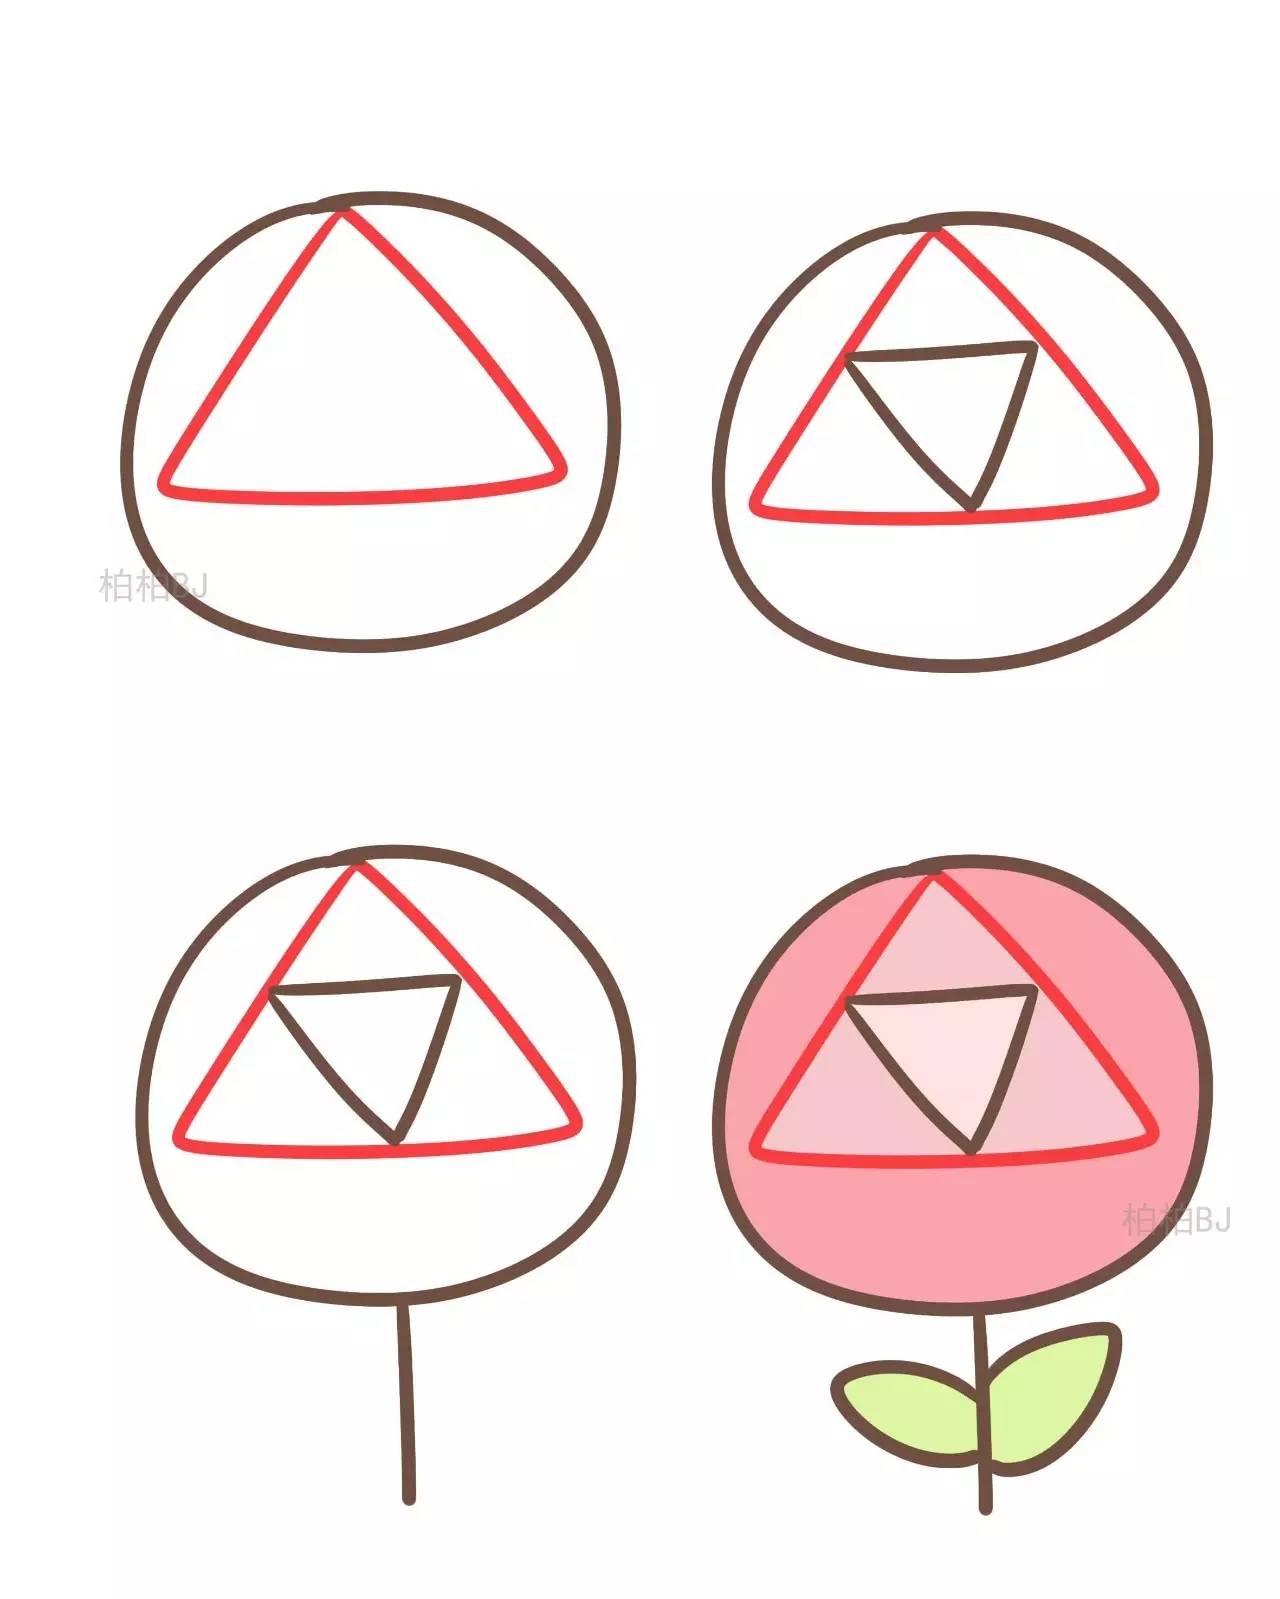 三角形简笔画图片